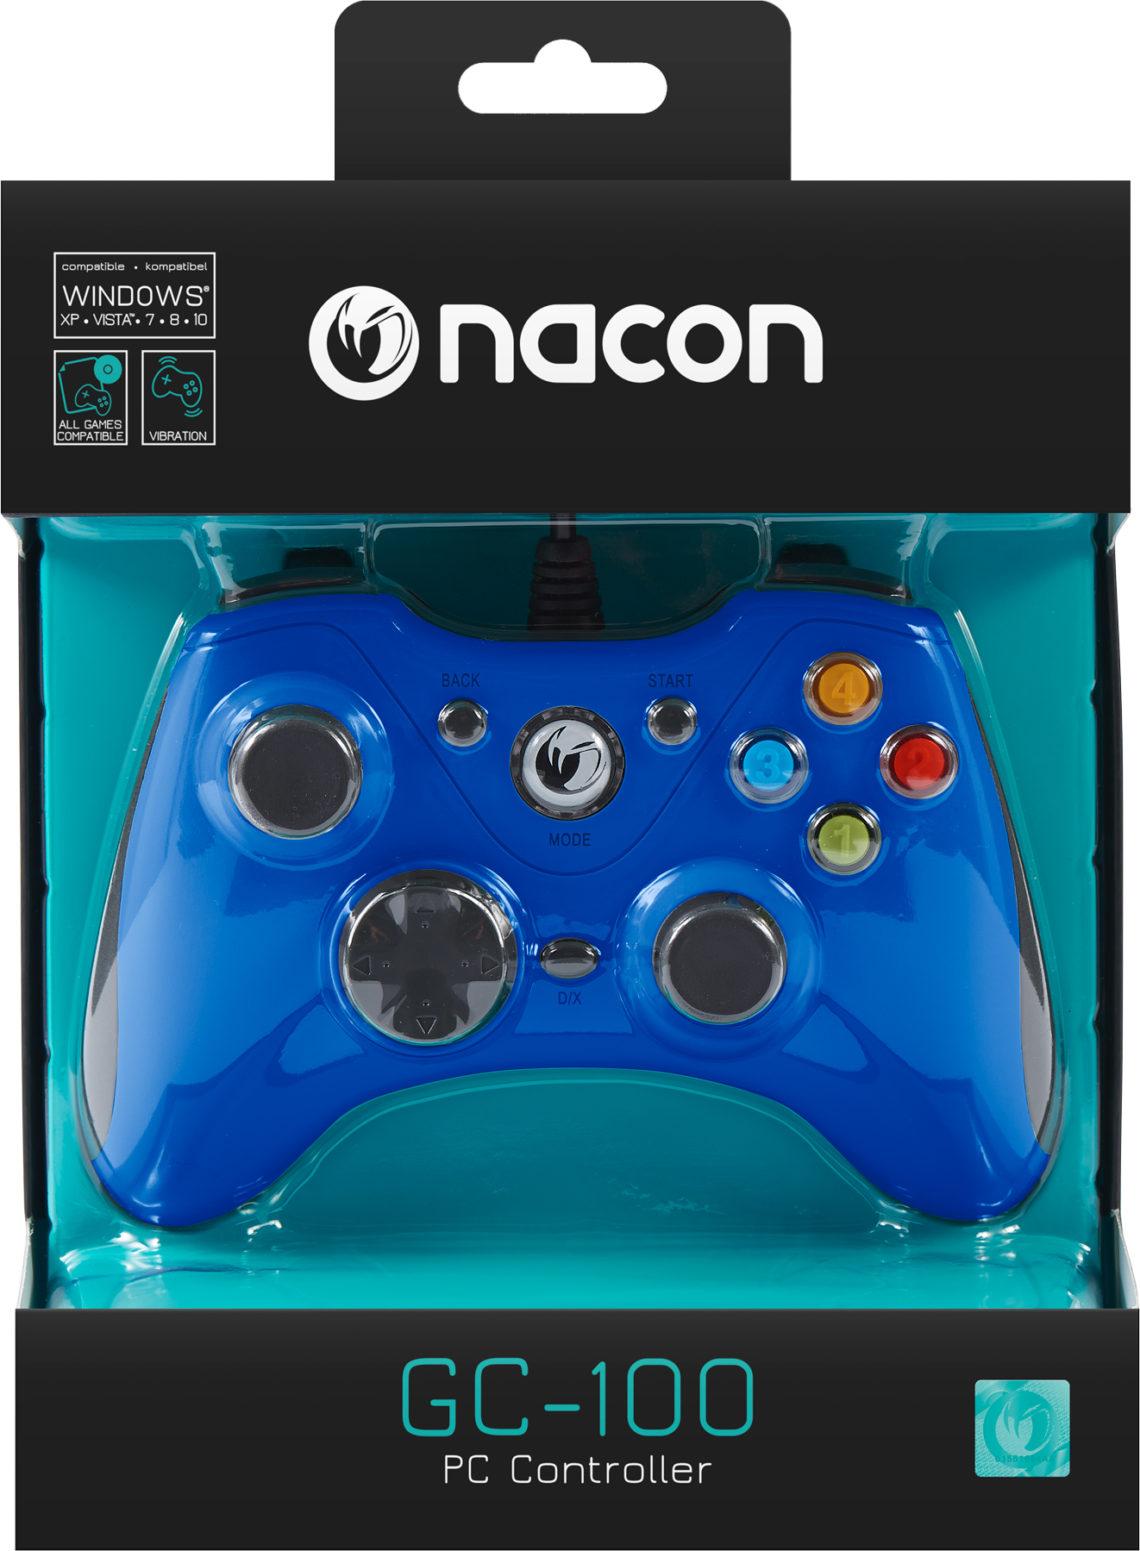 Manette de jeu PC (Bleu) PCGC-100BLUE Nacon - Visuel#2tutu